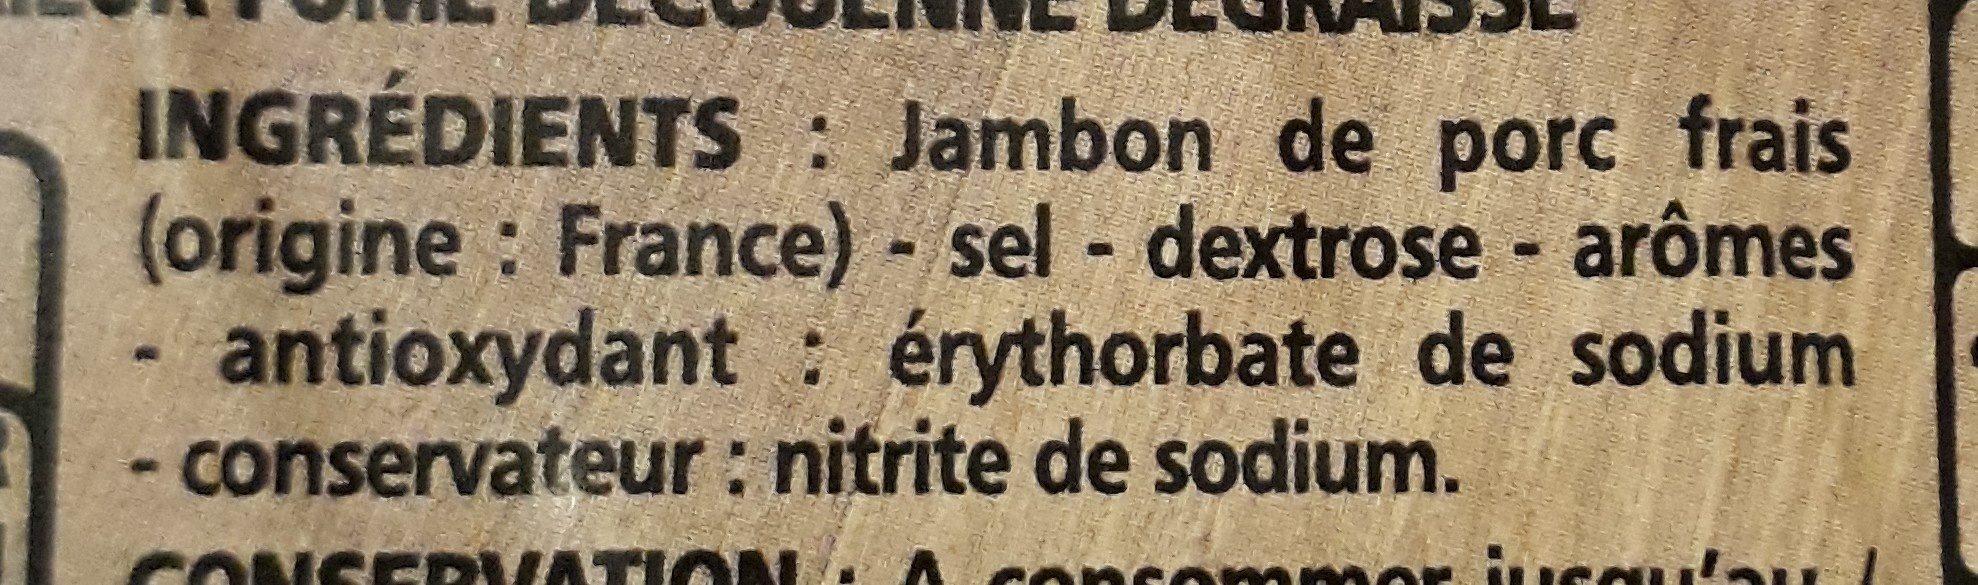 Jambon supérieur fumé découenné dégraissé au bois de hêtre 4 tranches VPF - Ingrediënten